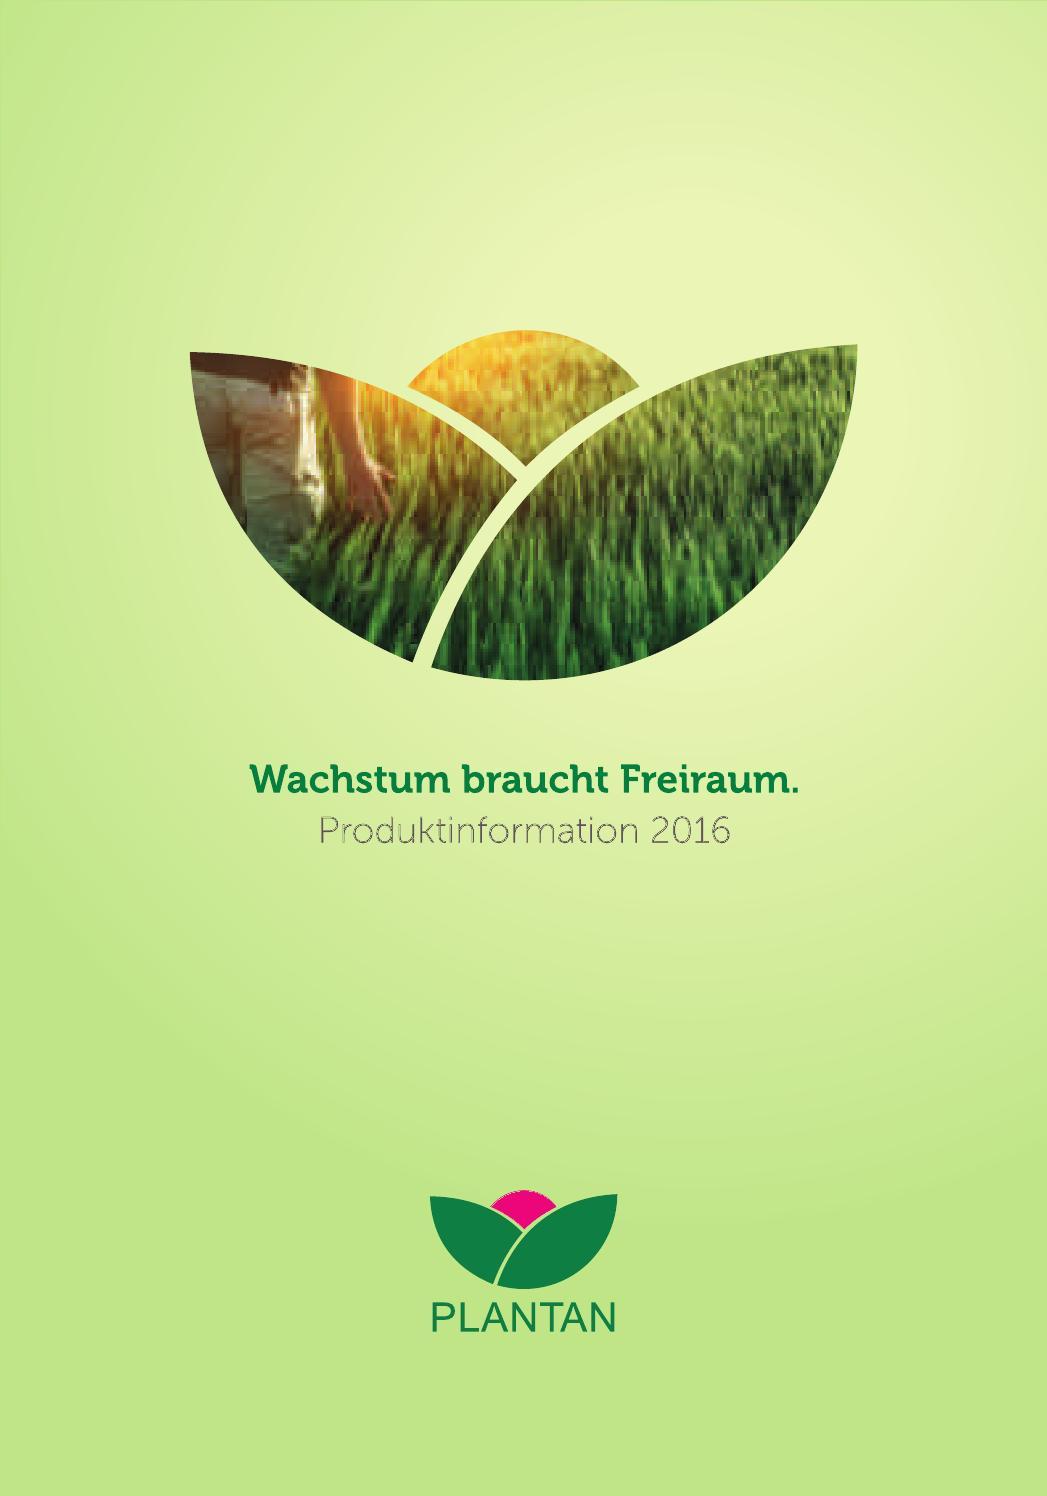 Produktübersicht österreich by Gentsch & Gentsch Ideenagentur Ltd.